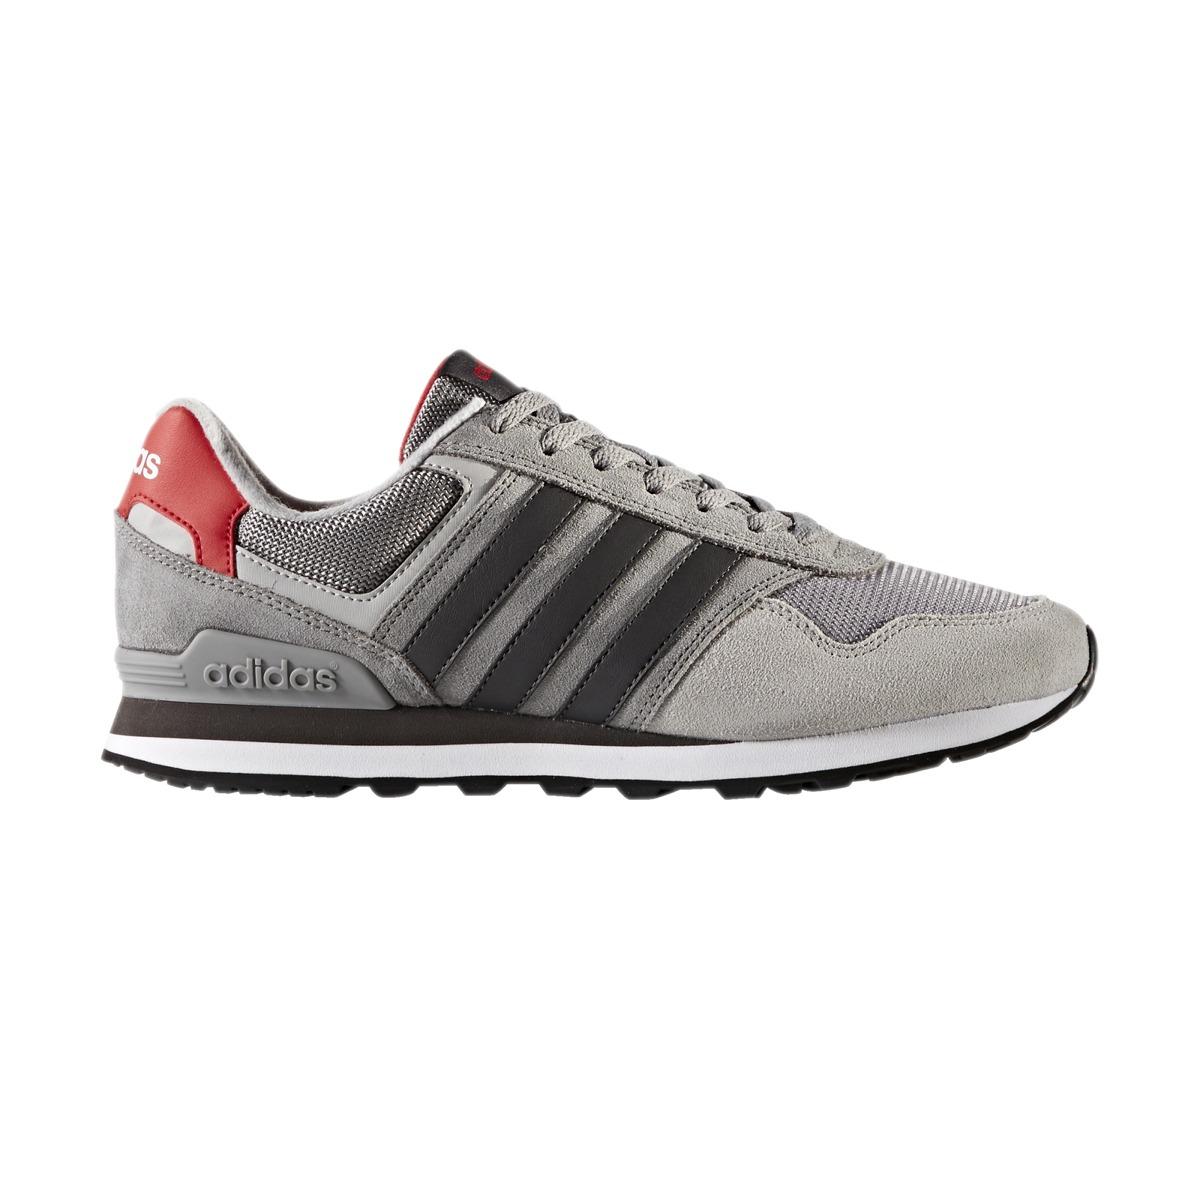 factory authentic 8ef2e 03639 zapatillas adidas running 10k hombre gr go. Cargando zoom.